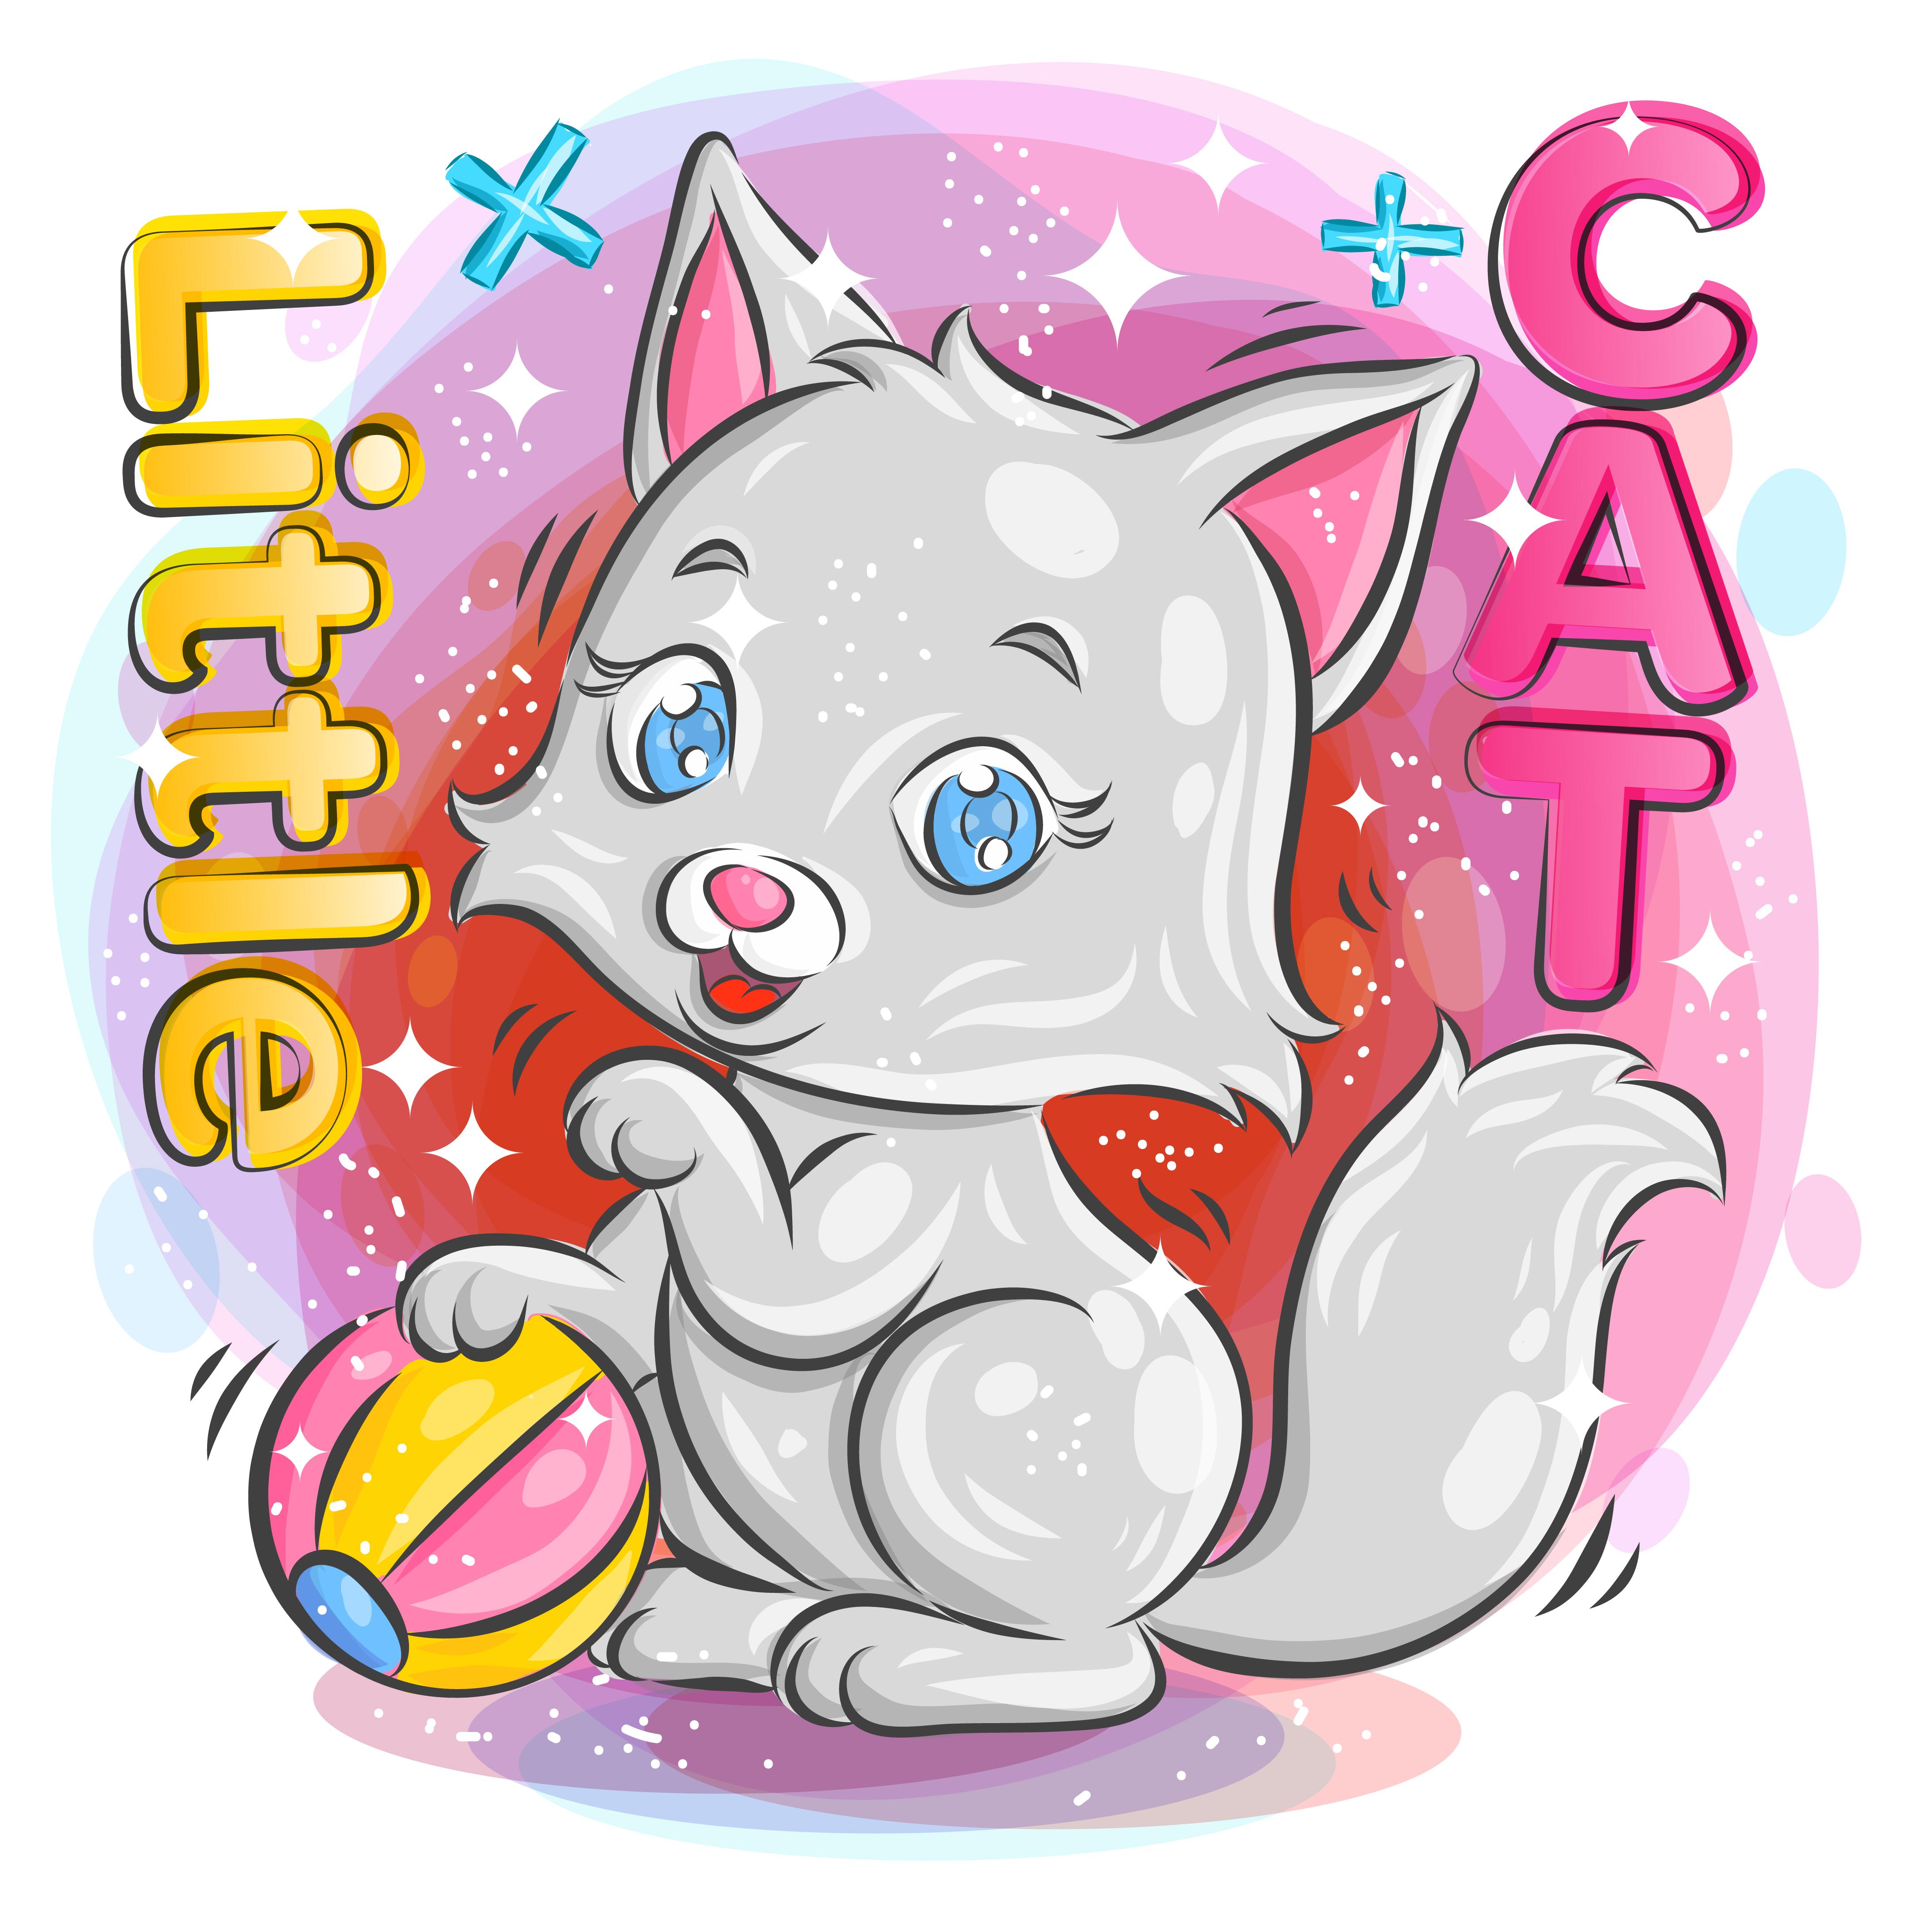 gatinho fofo brincando com uma bola colorida vetor